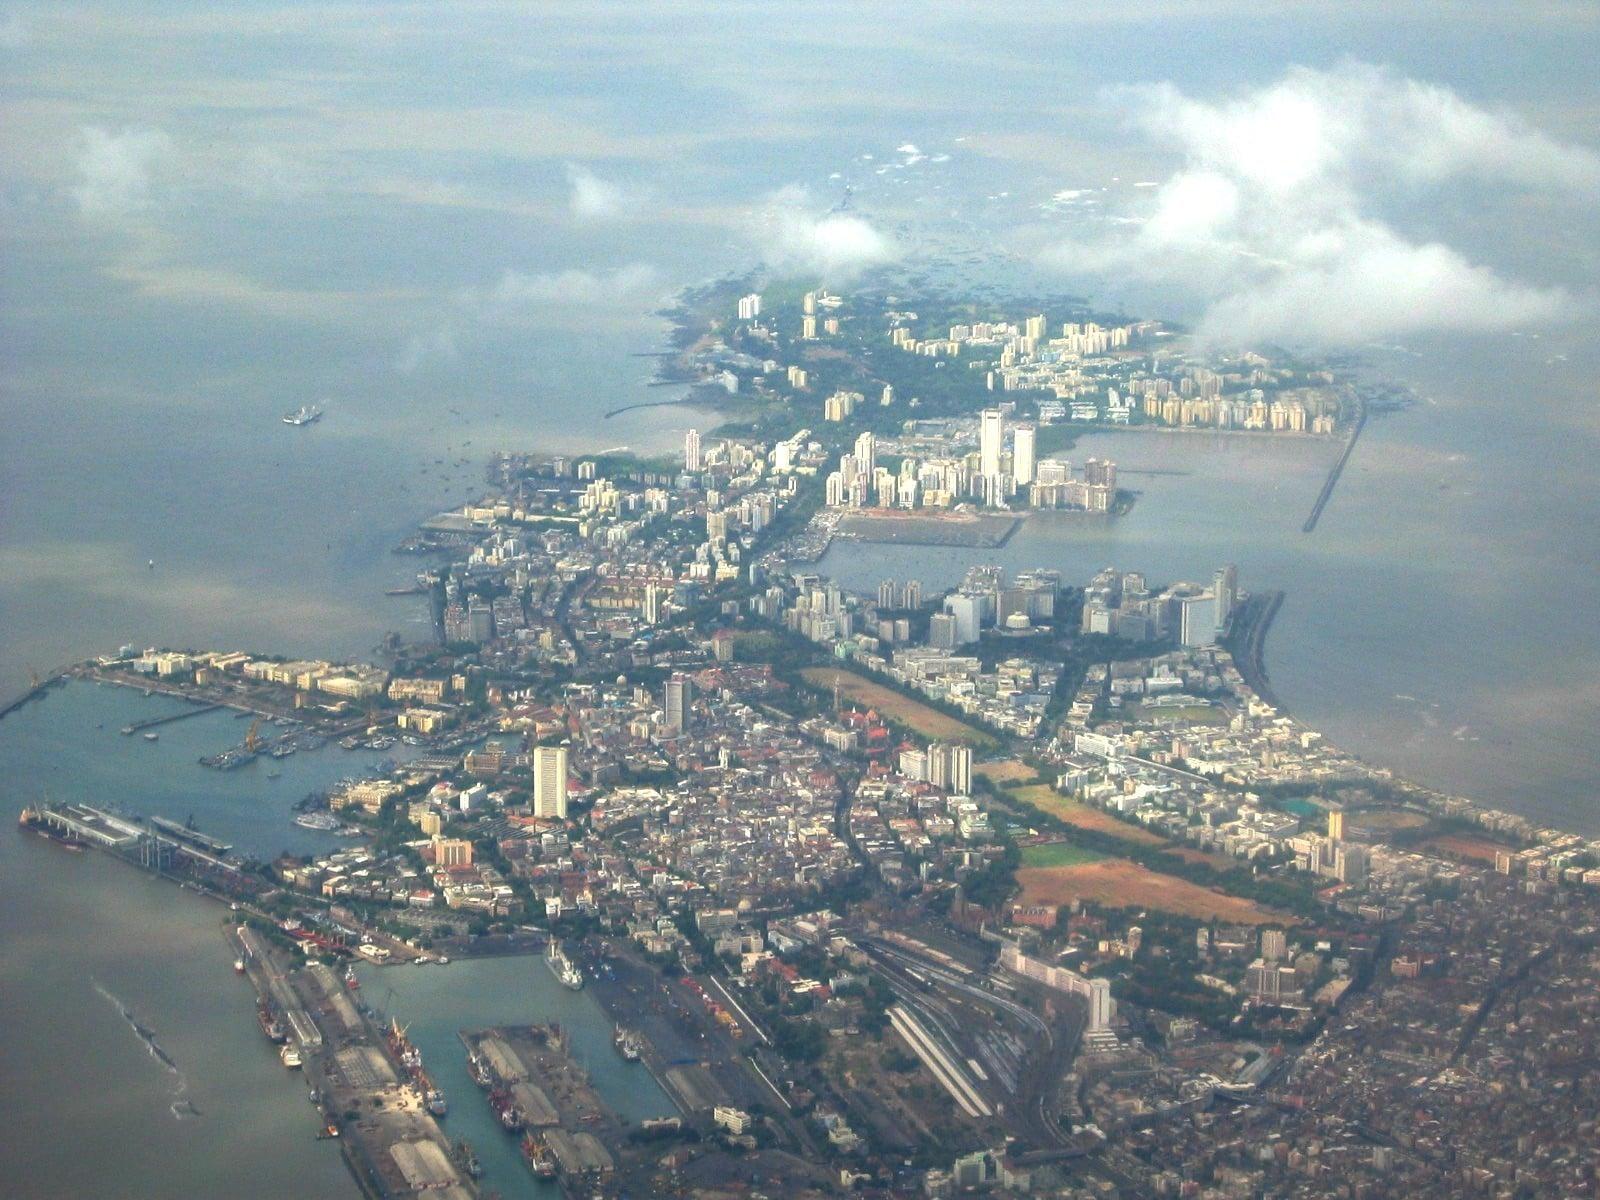 Mumbai era alcătuit la început dintr-un grup de 7 insule, care mai apoi au format peninsula